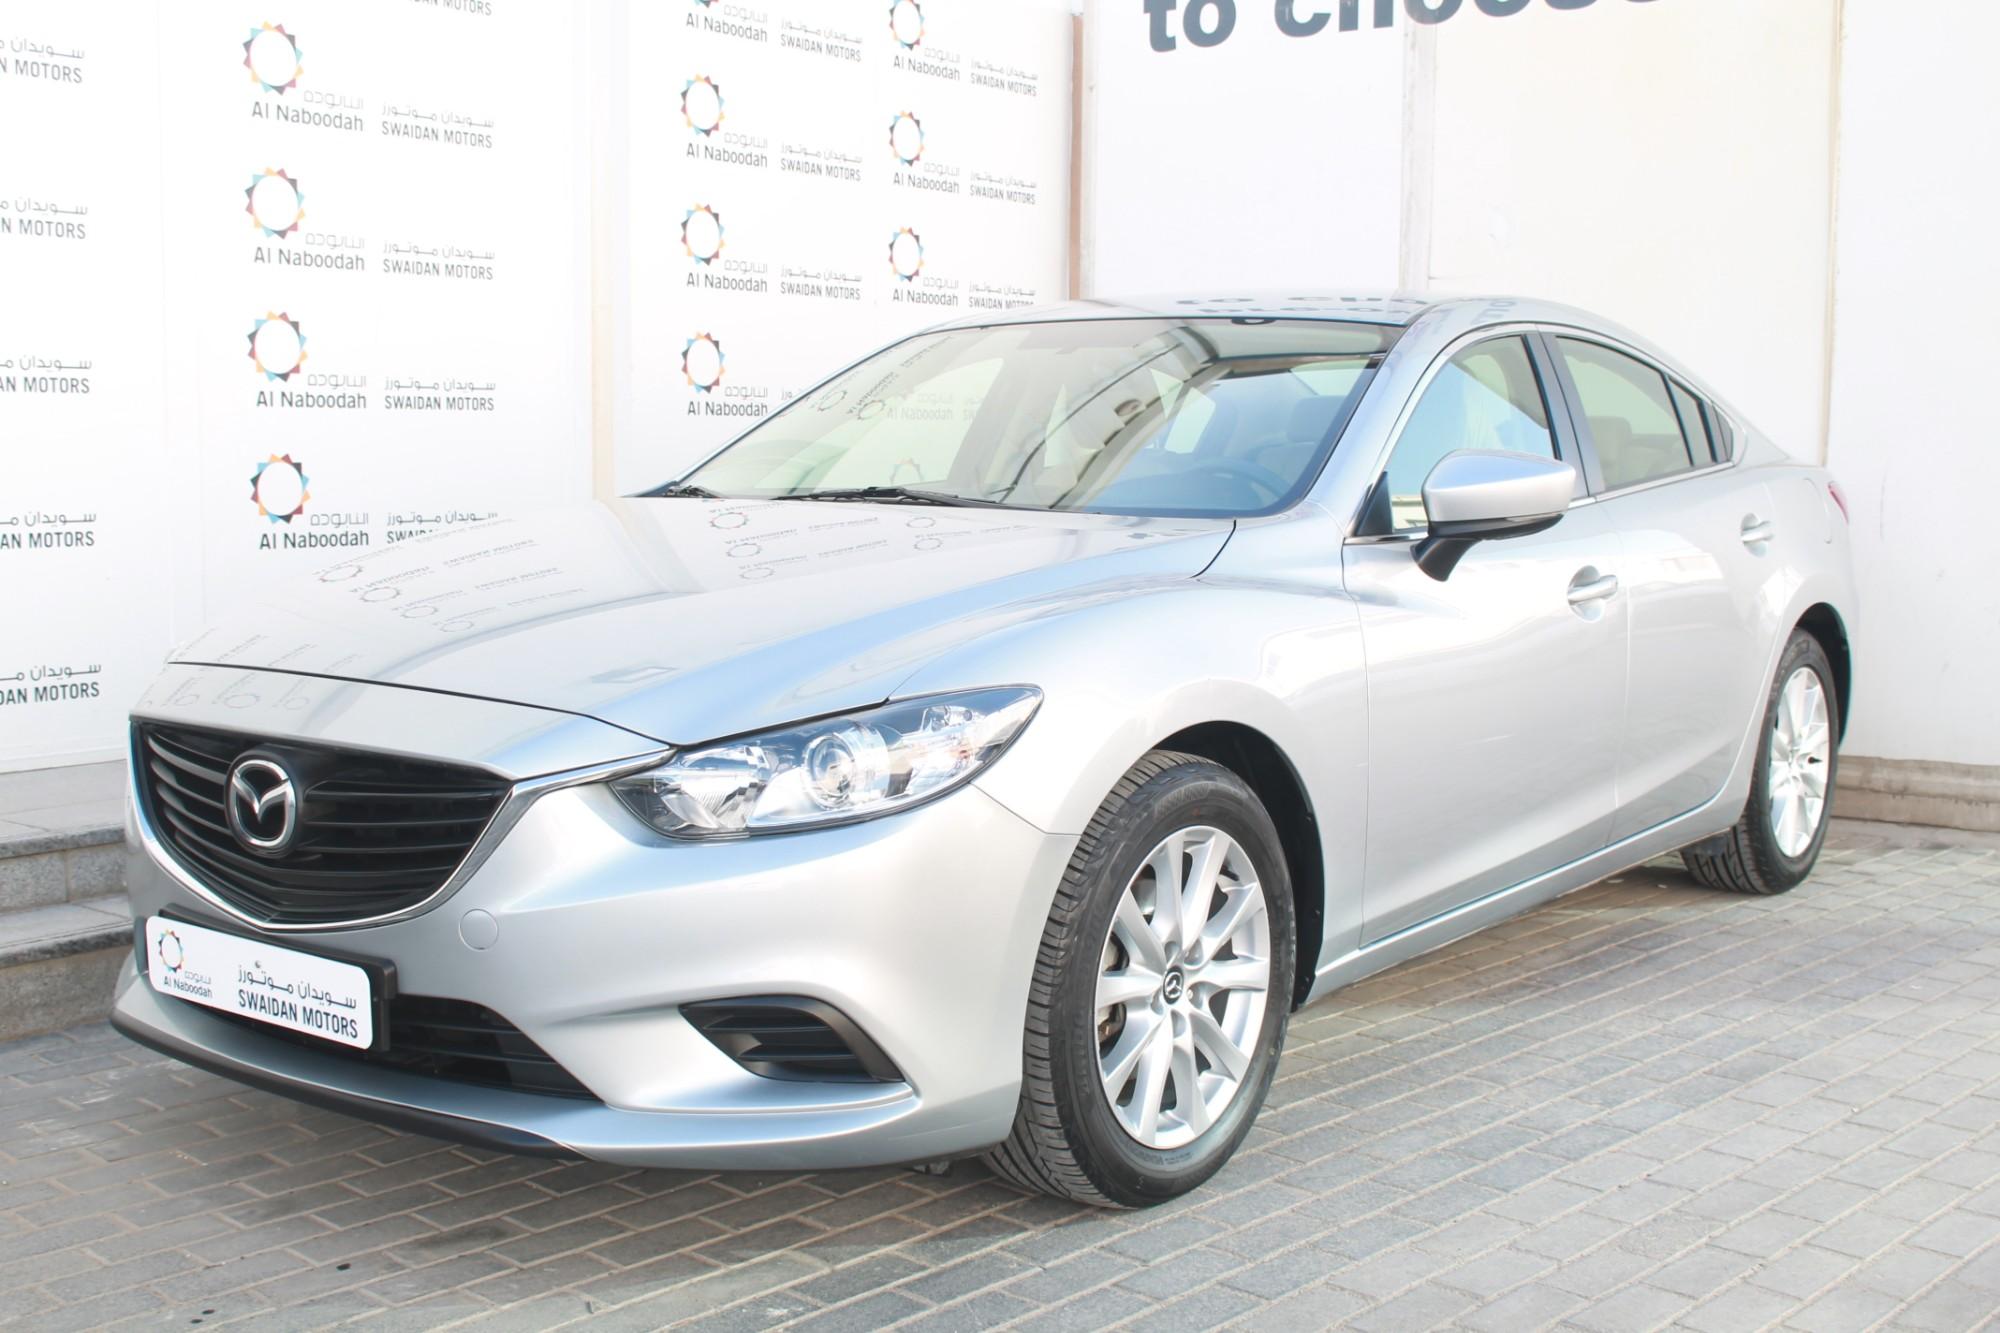 Kelebihan Kekurangan Mazda 2017 Harga